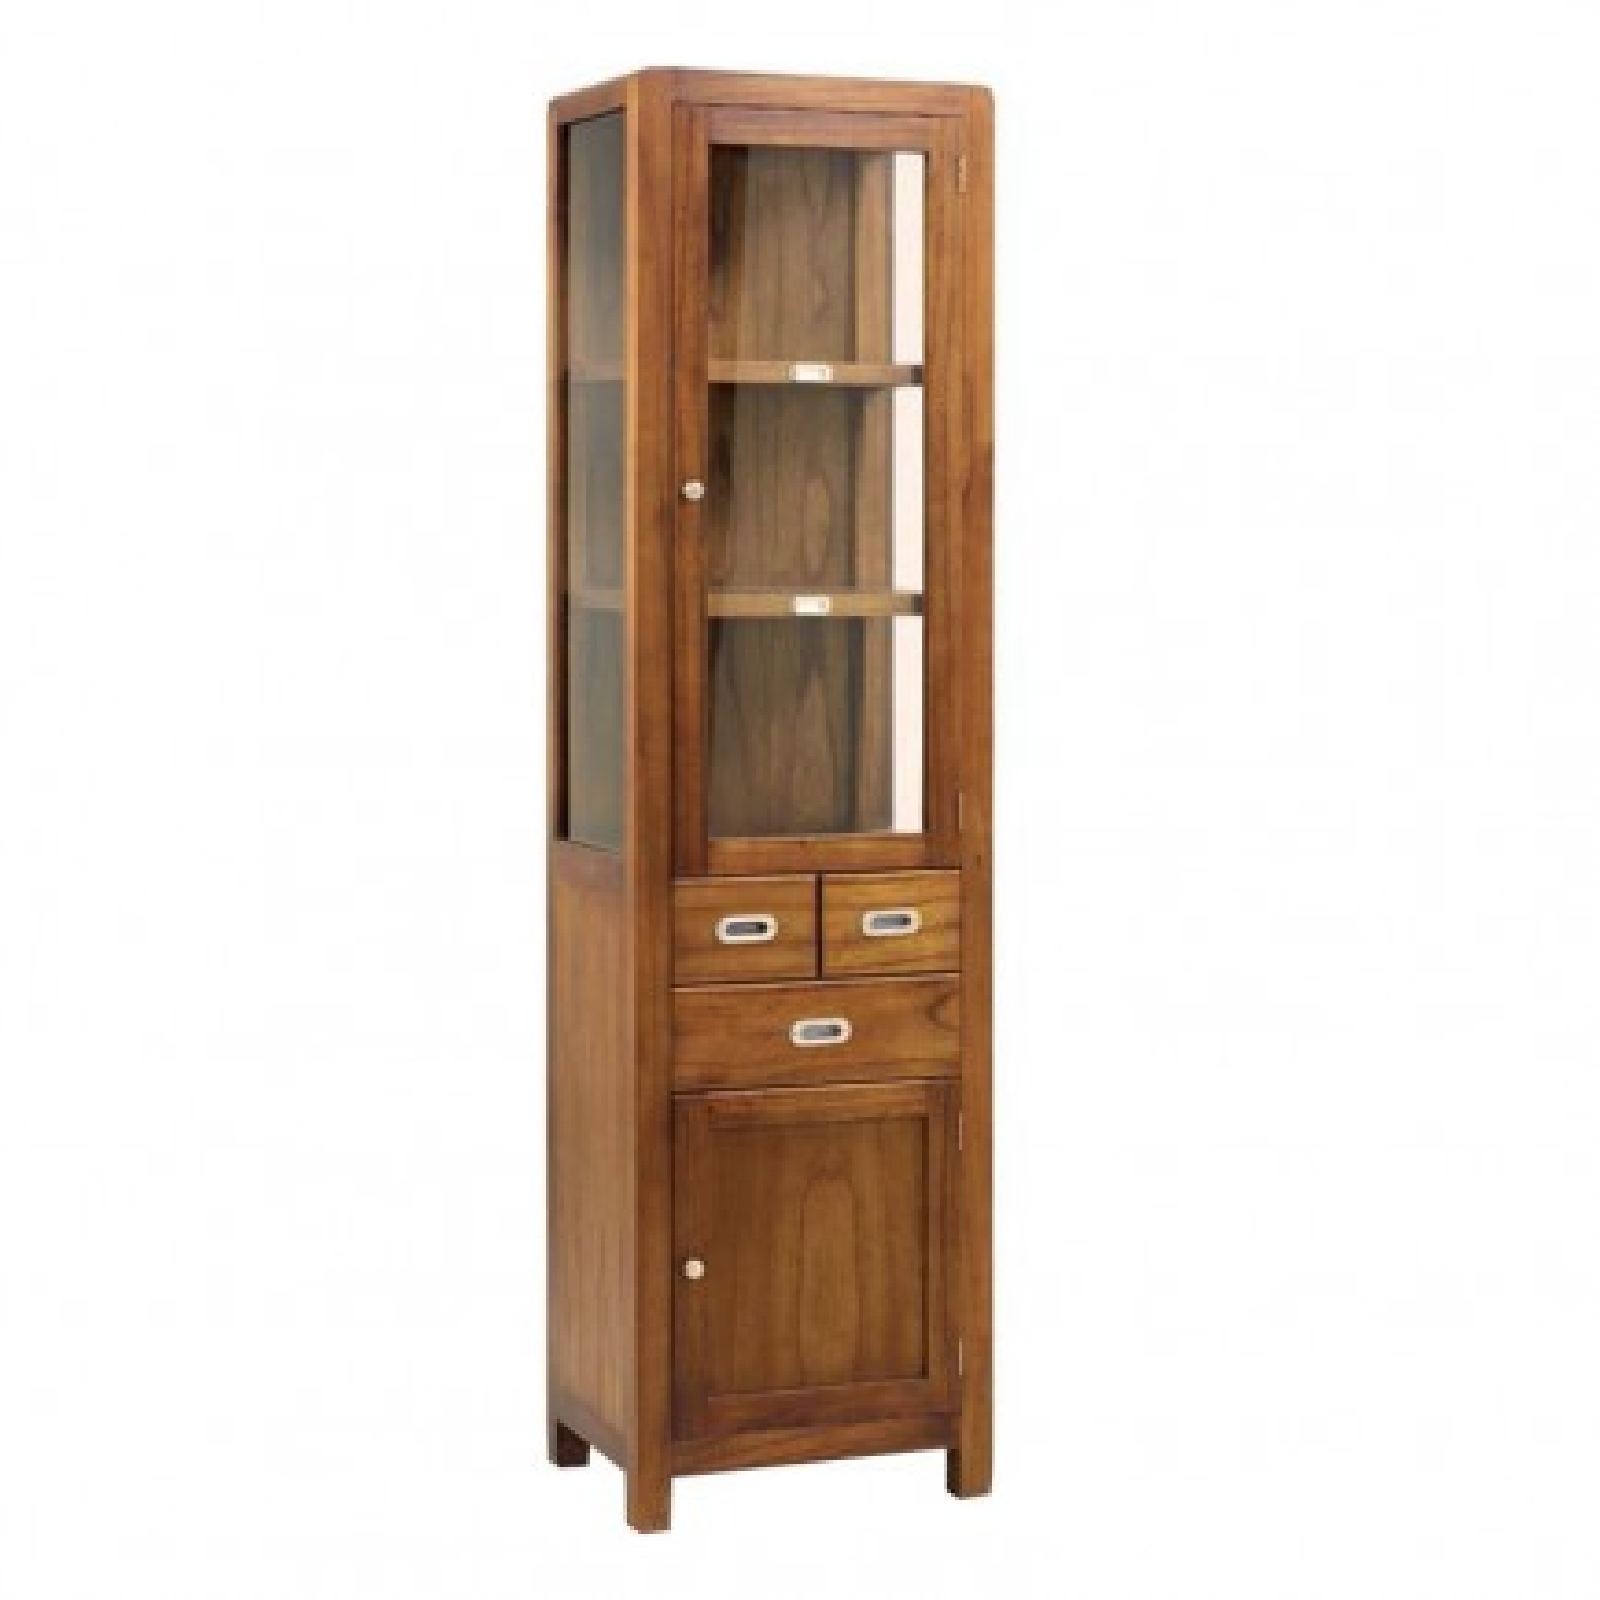 Étagère Rétro Mindi Massif - meuble de bureau en bois massif